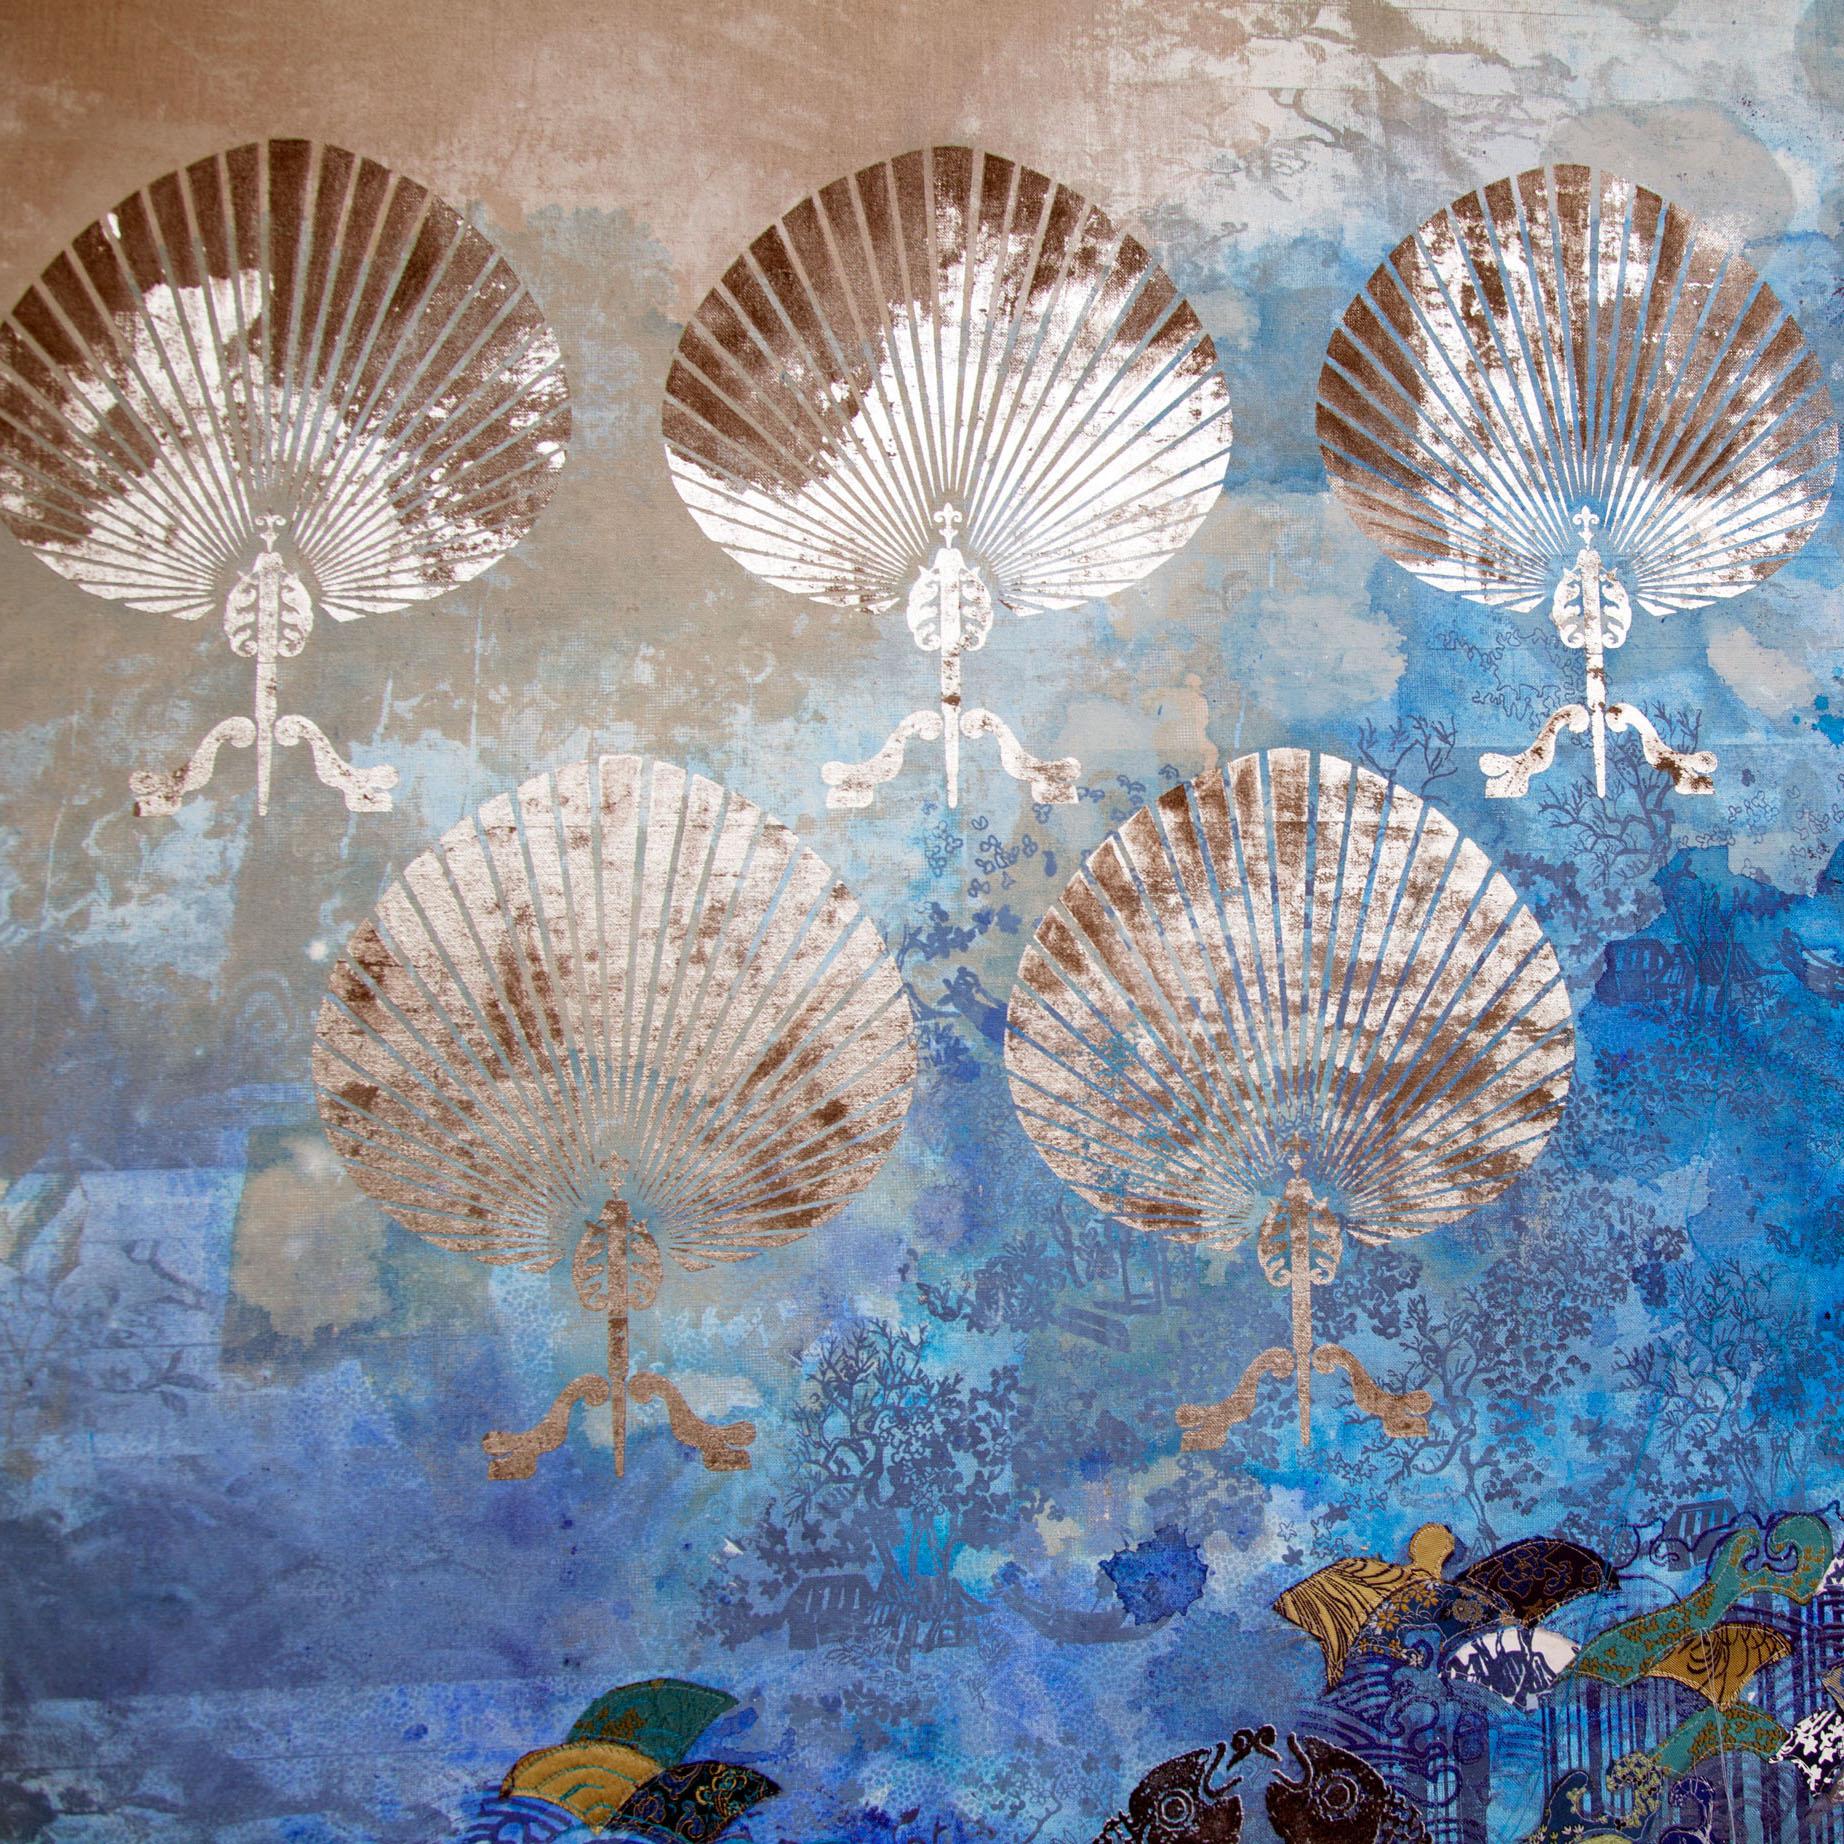 South-China-Seas_RGB-closeup2.jpg